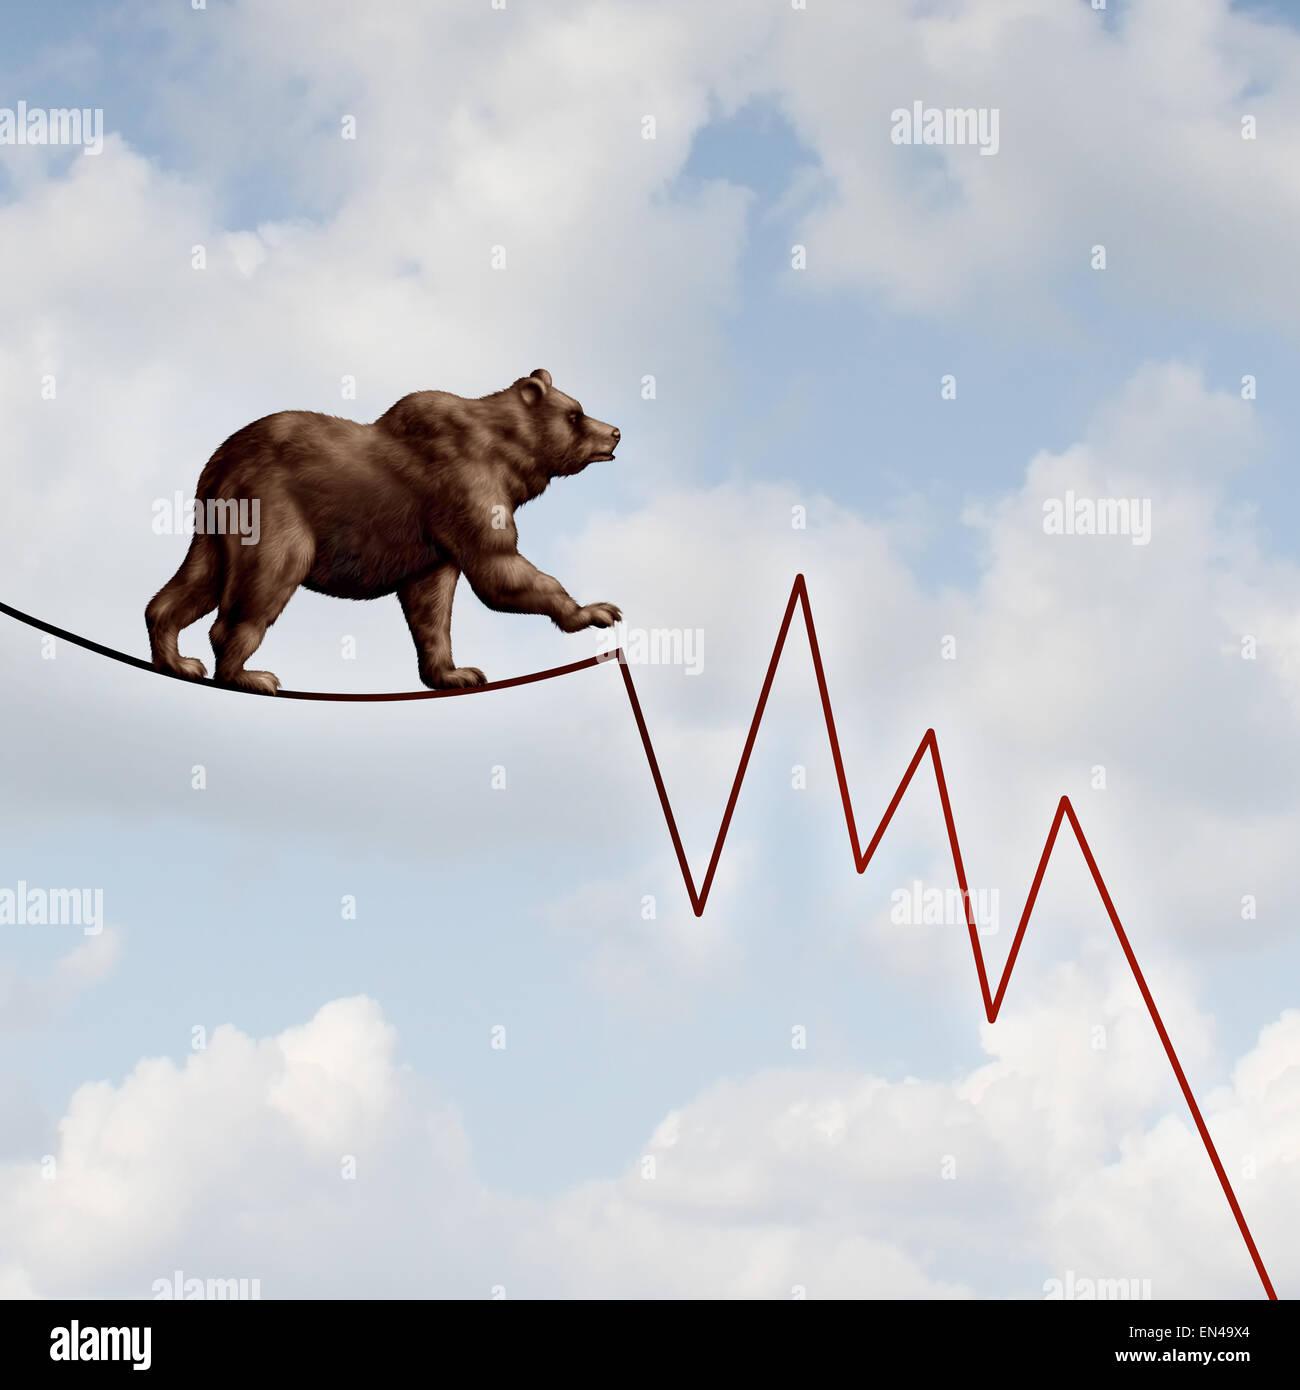 Marché de l'ours comme un concept financier risque baissier lourde bête marchant sur un fil en forme Photo Stock